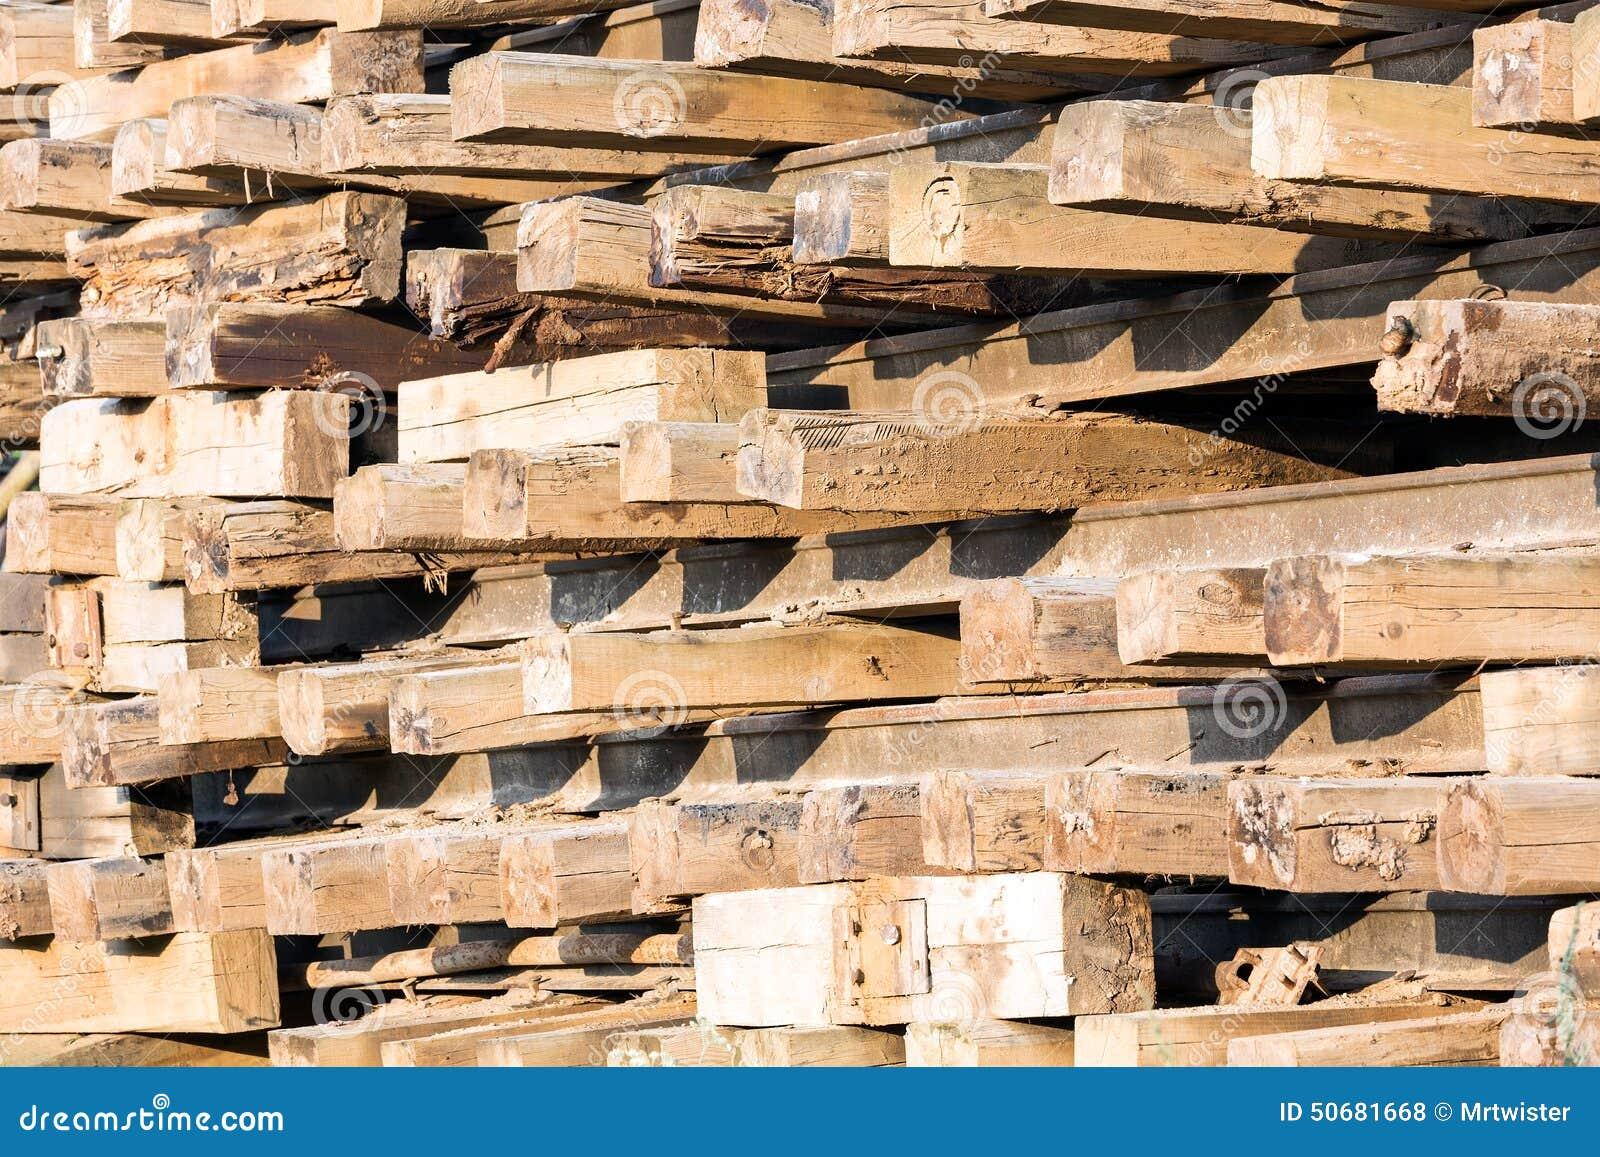 Download 在堆的老木睡眠者 库存照片. 图片 包括有 木材, 旧货, 大量, 木头, 织地不很细, 详细资料, 日志 - 50681668